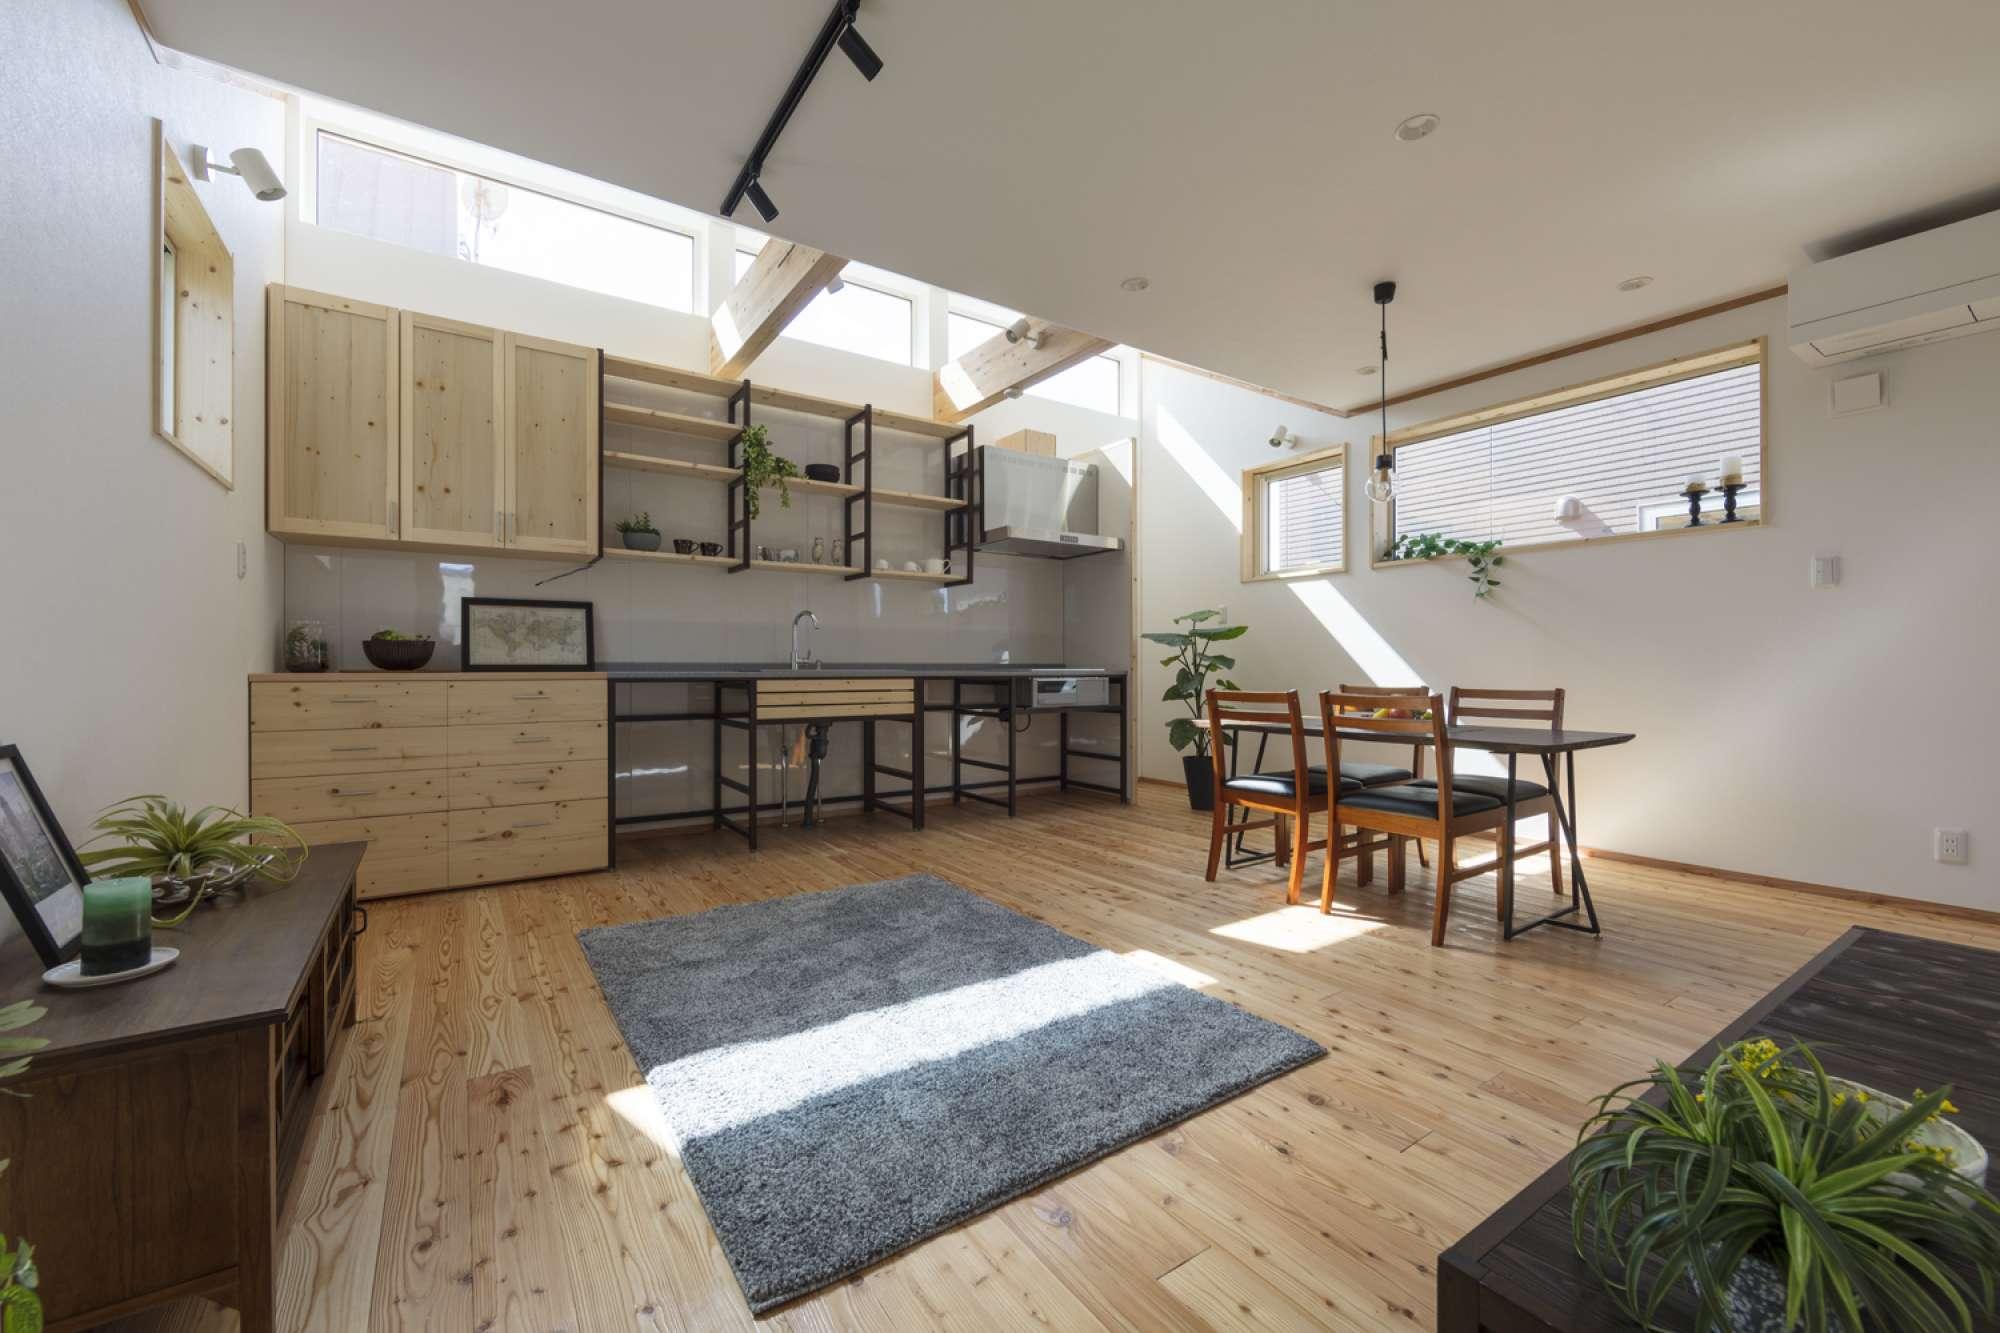 壁一面に造作キッチン、造作食器棚を設置 -  -  -